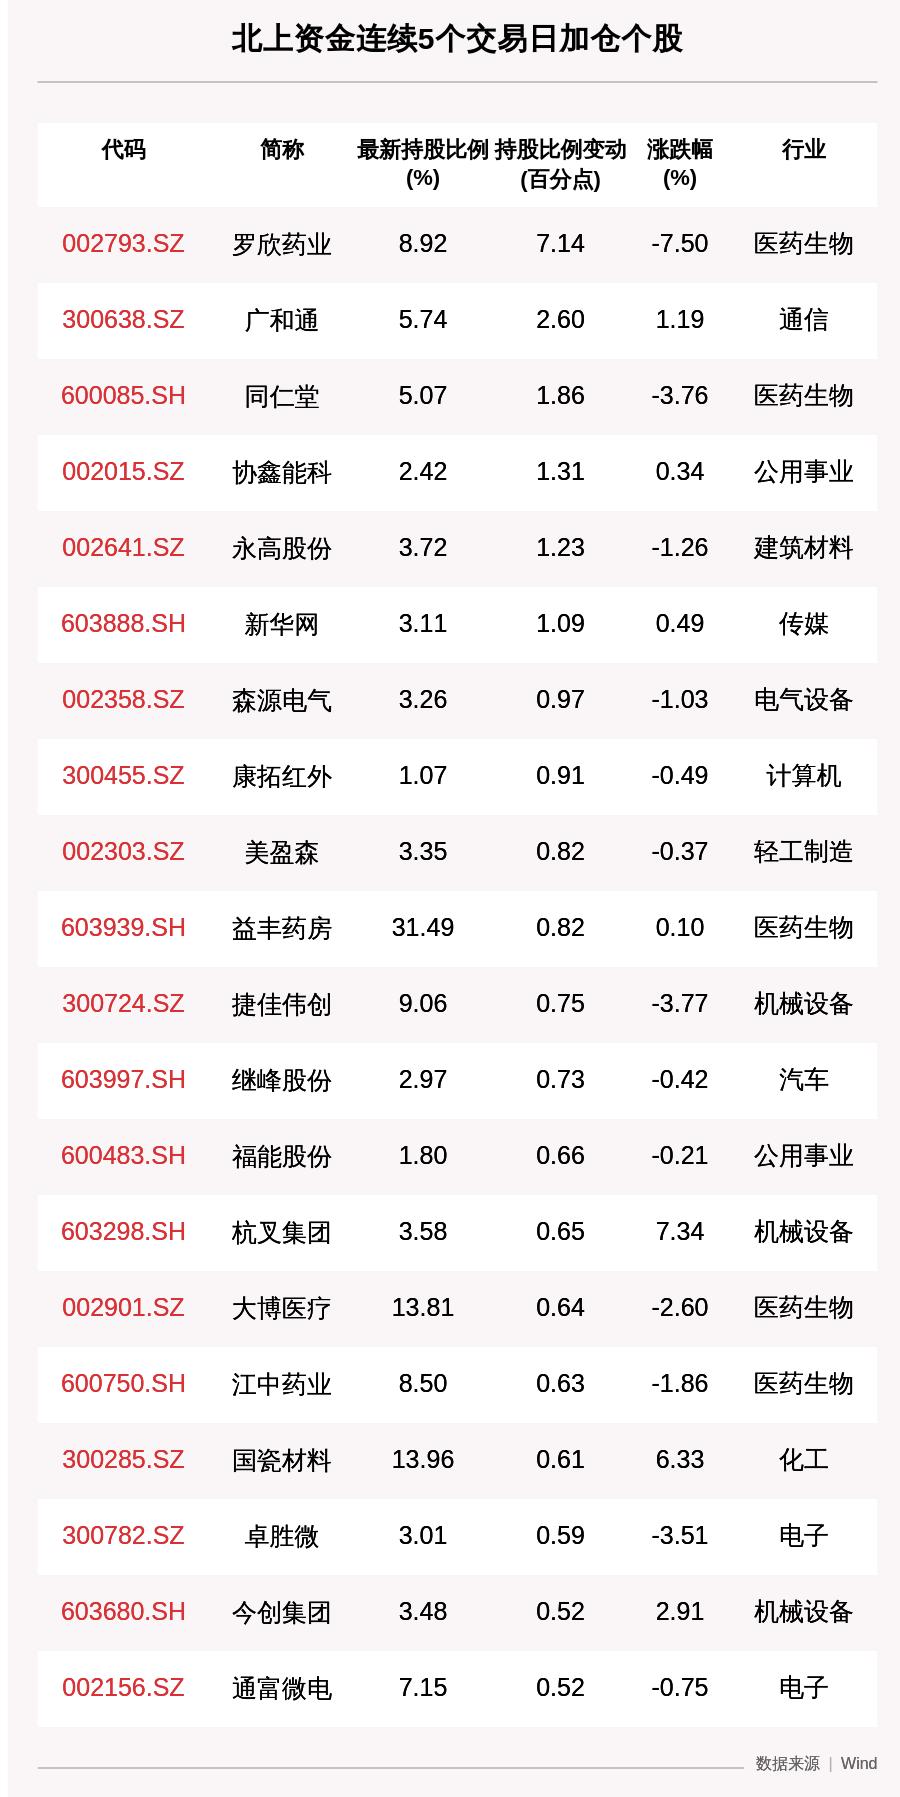 揭秘北上资金:连续5日加仓这57只个股(附名单),罗欣药业获增持超7个百分点